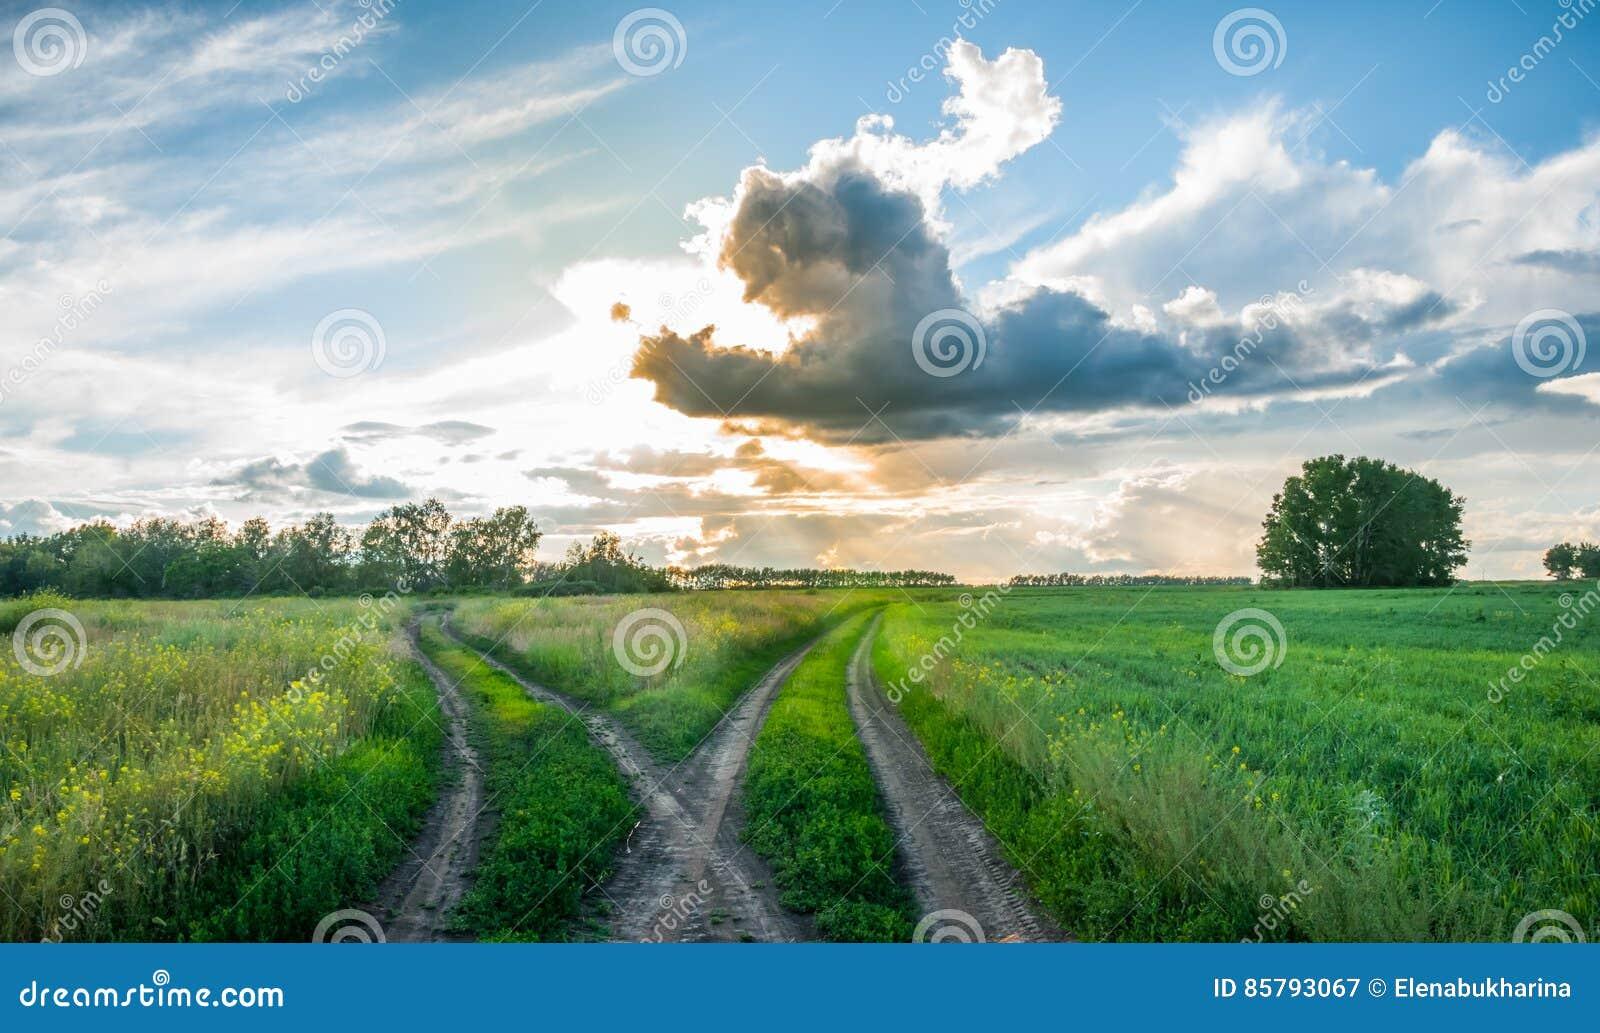 Rozdroża w polu przy zmierzchem Rozszczepiona wiejska droga piękne chmury krajobrazu wiejskiego